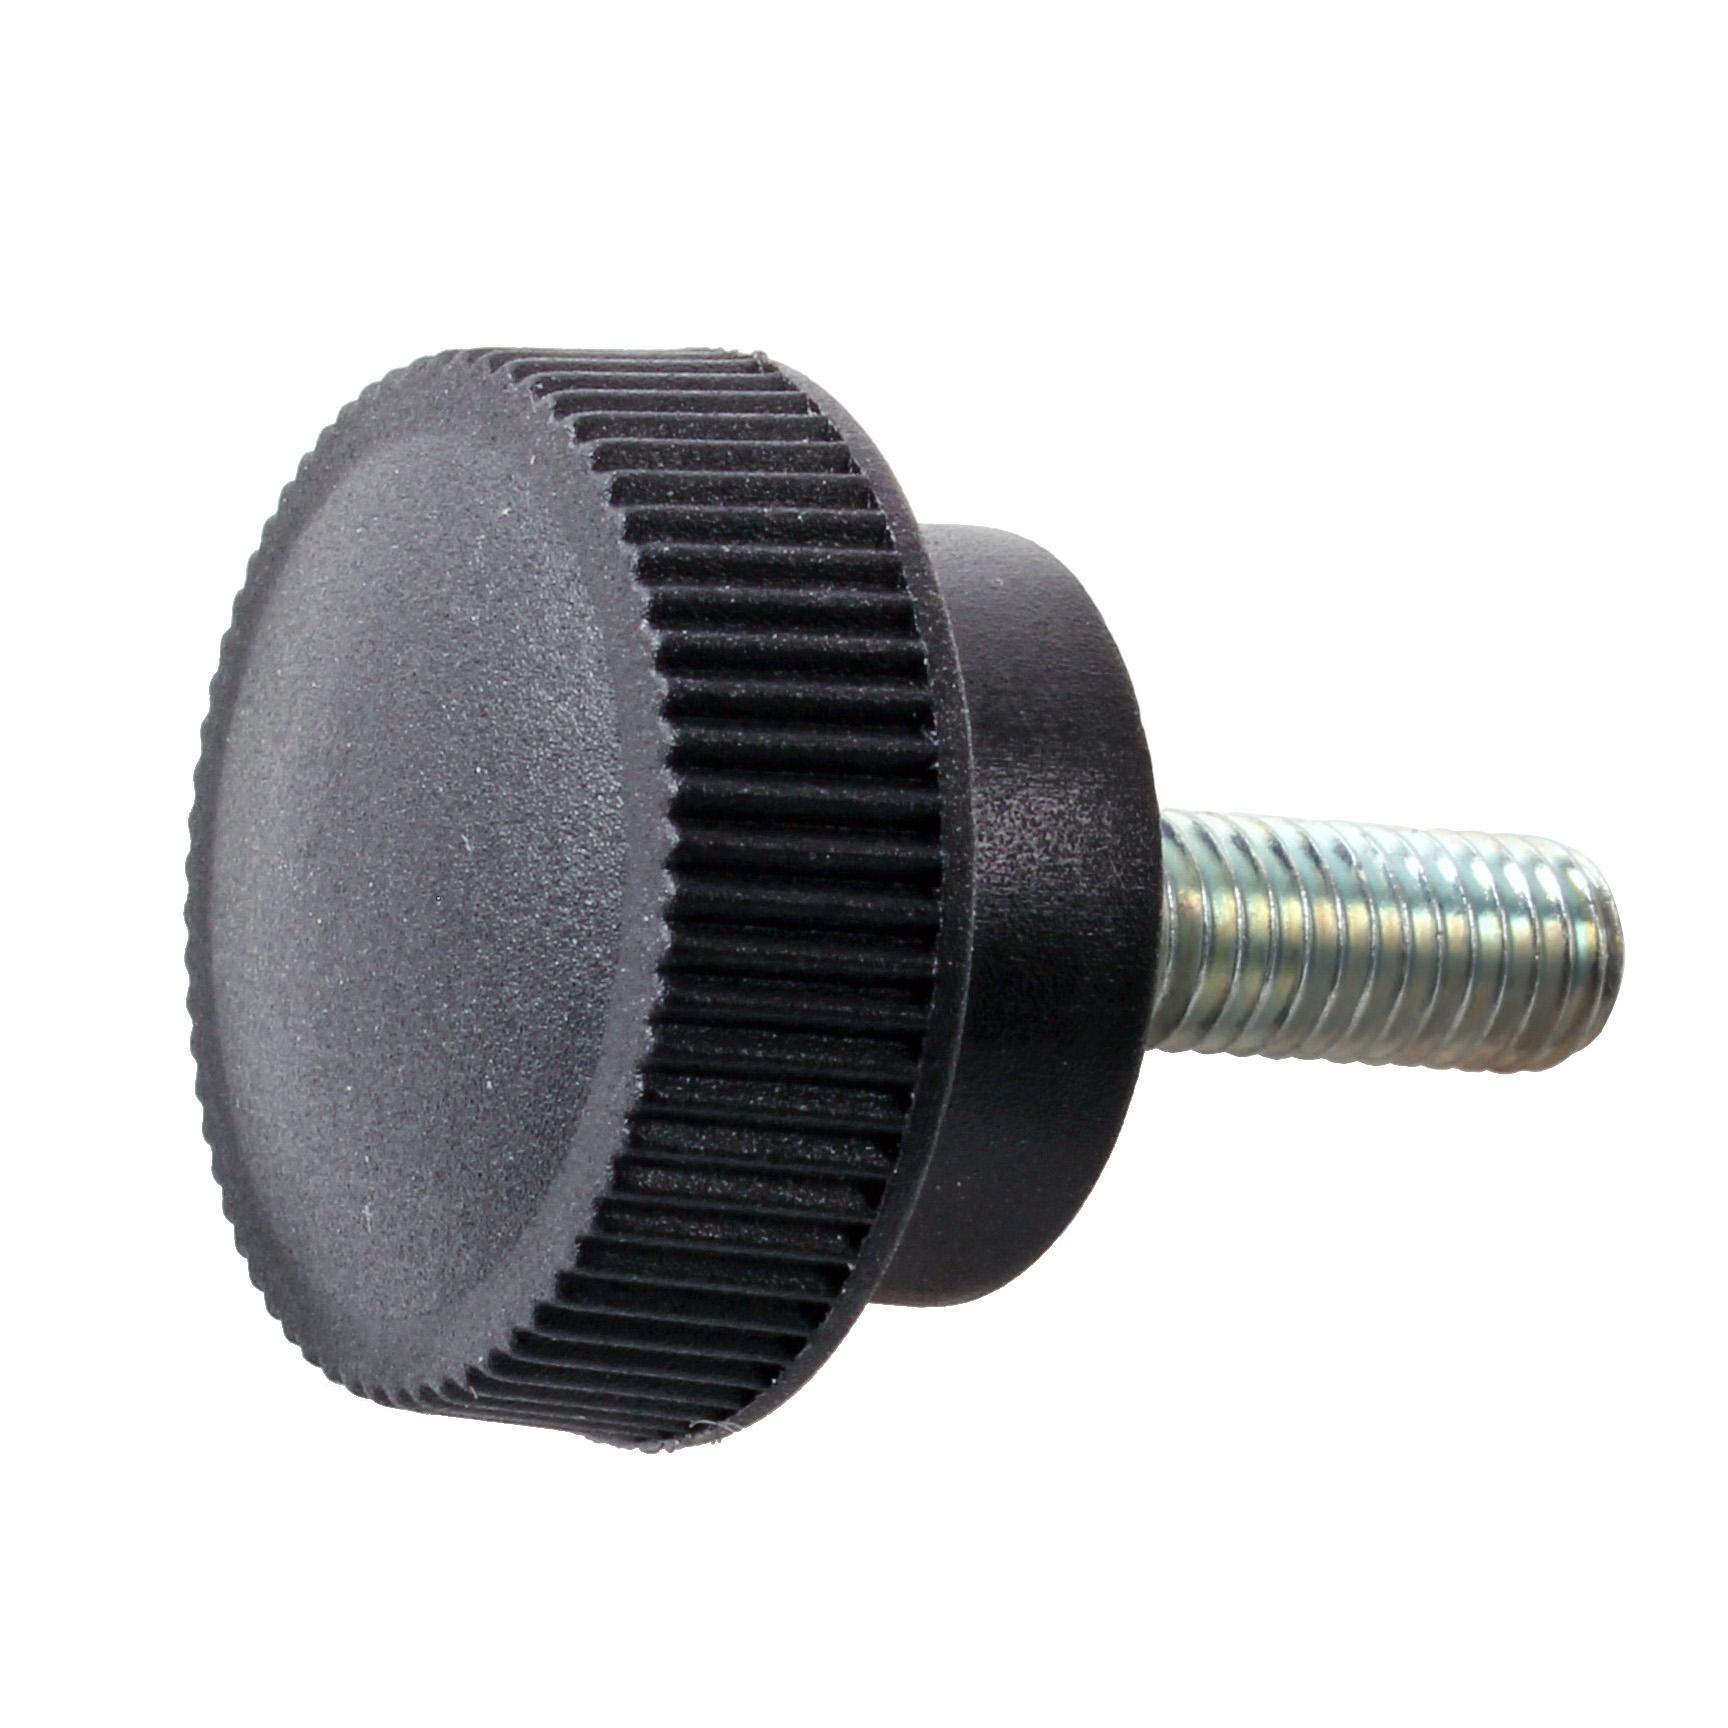 Bouton de serrage - Moleté - Mâle - Technopolymère tige acier